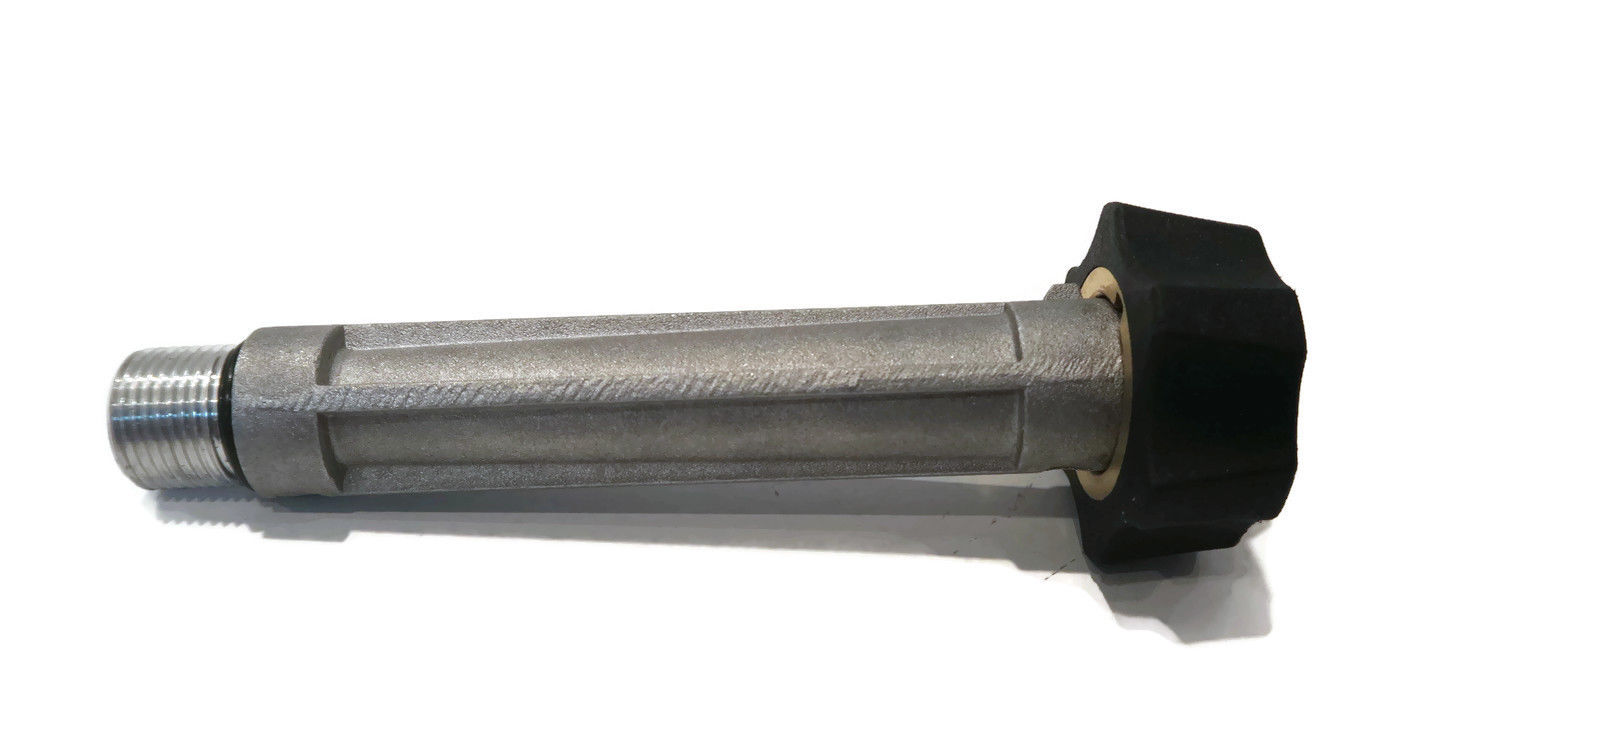 46-1179 Power Pressure Washer Water Pump OEM WATER INLET TUBES 308861004 5